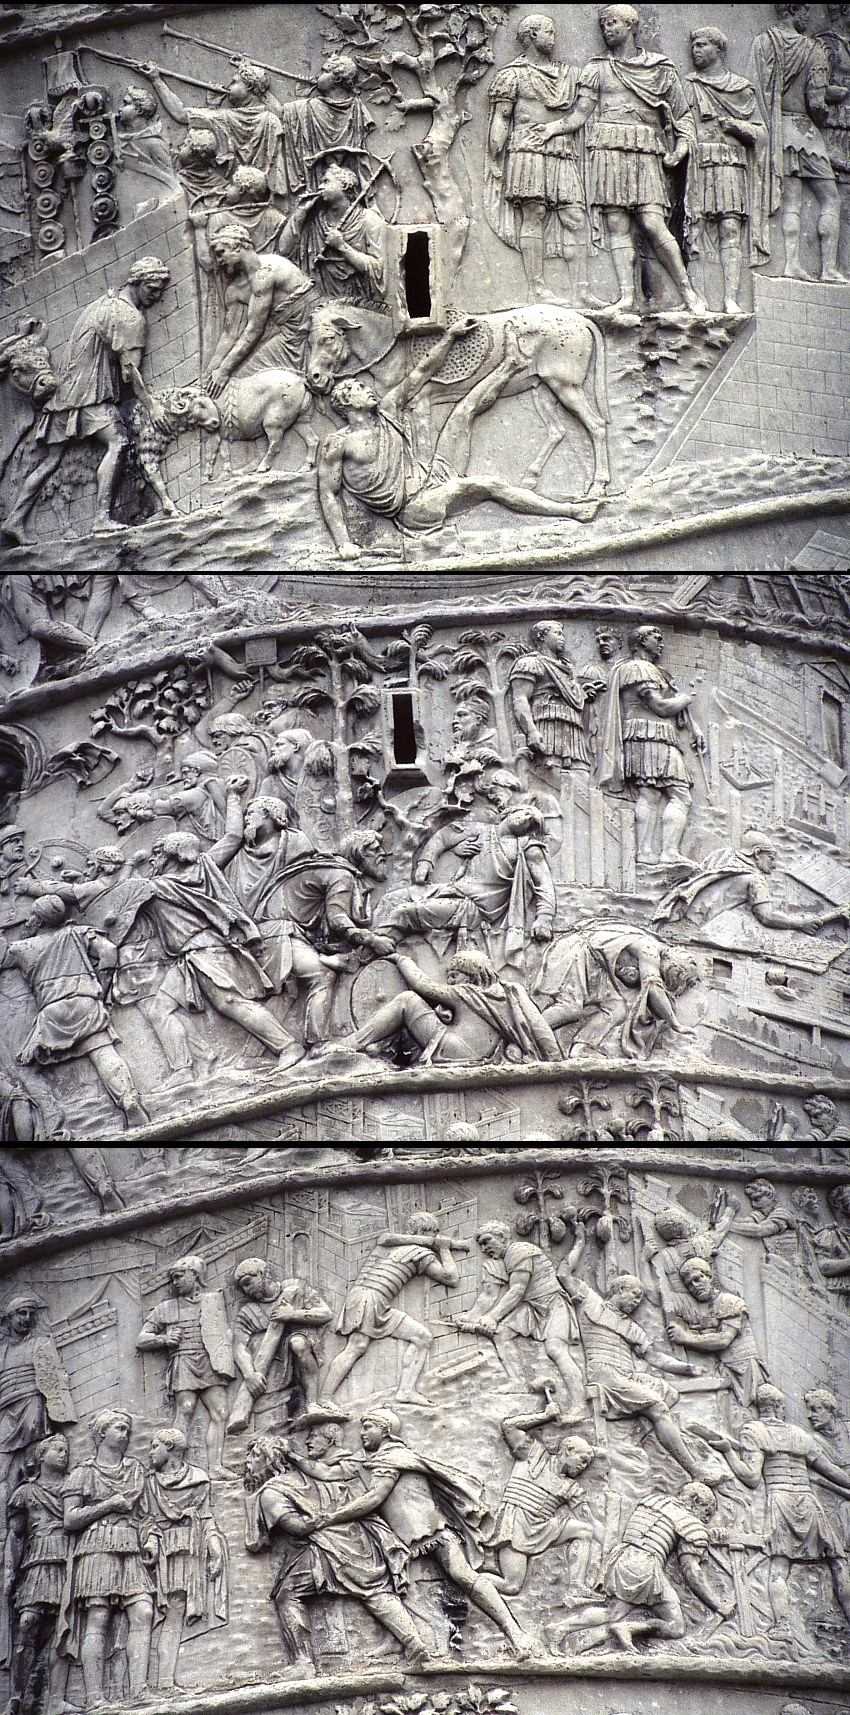 Colonne Trajane, détails. Les bas-reliefs, disposés en spirale, représentent plus de 2500 figures, et retracent les principaux évènements des guerres daciques. Trajan y  très fréquemment représenté. Photos © Kalermo Koskimies